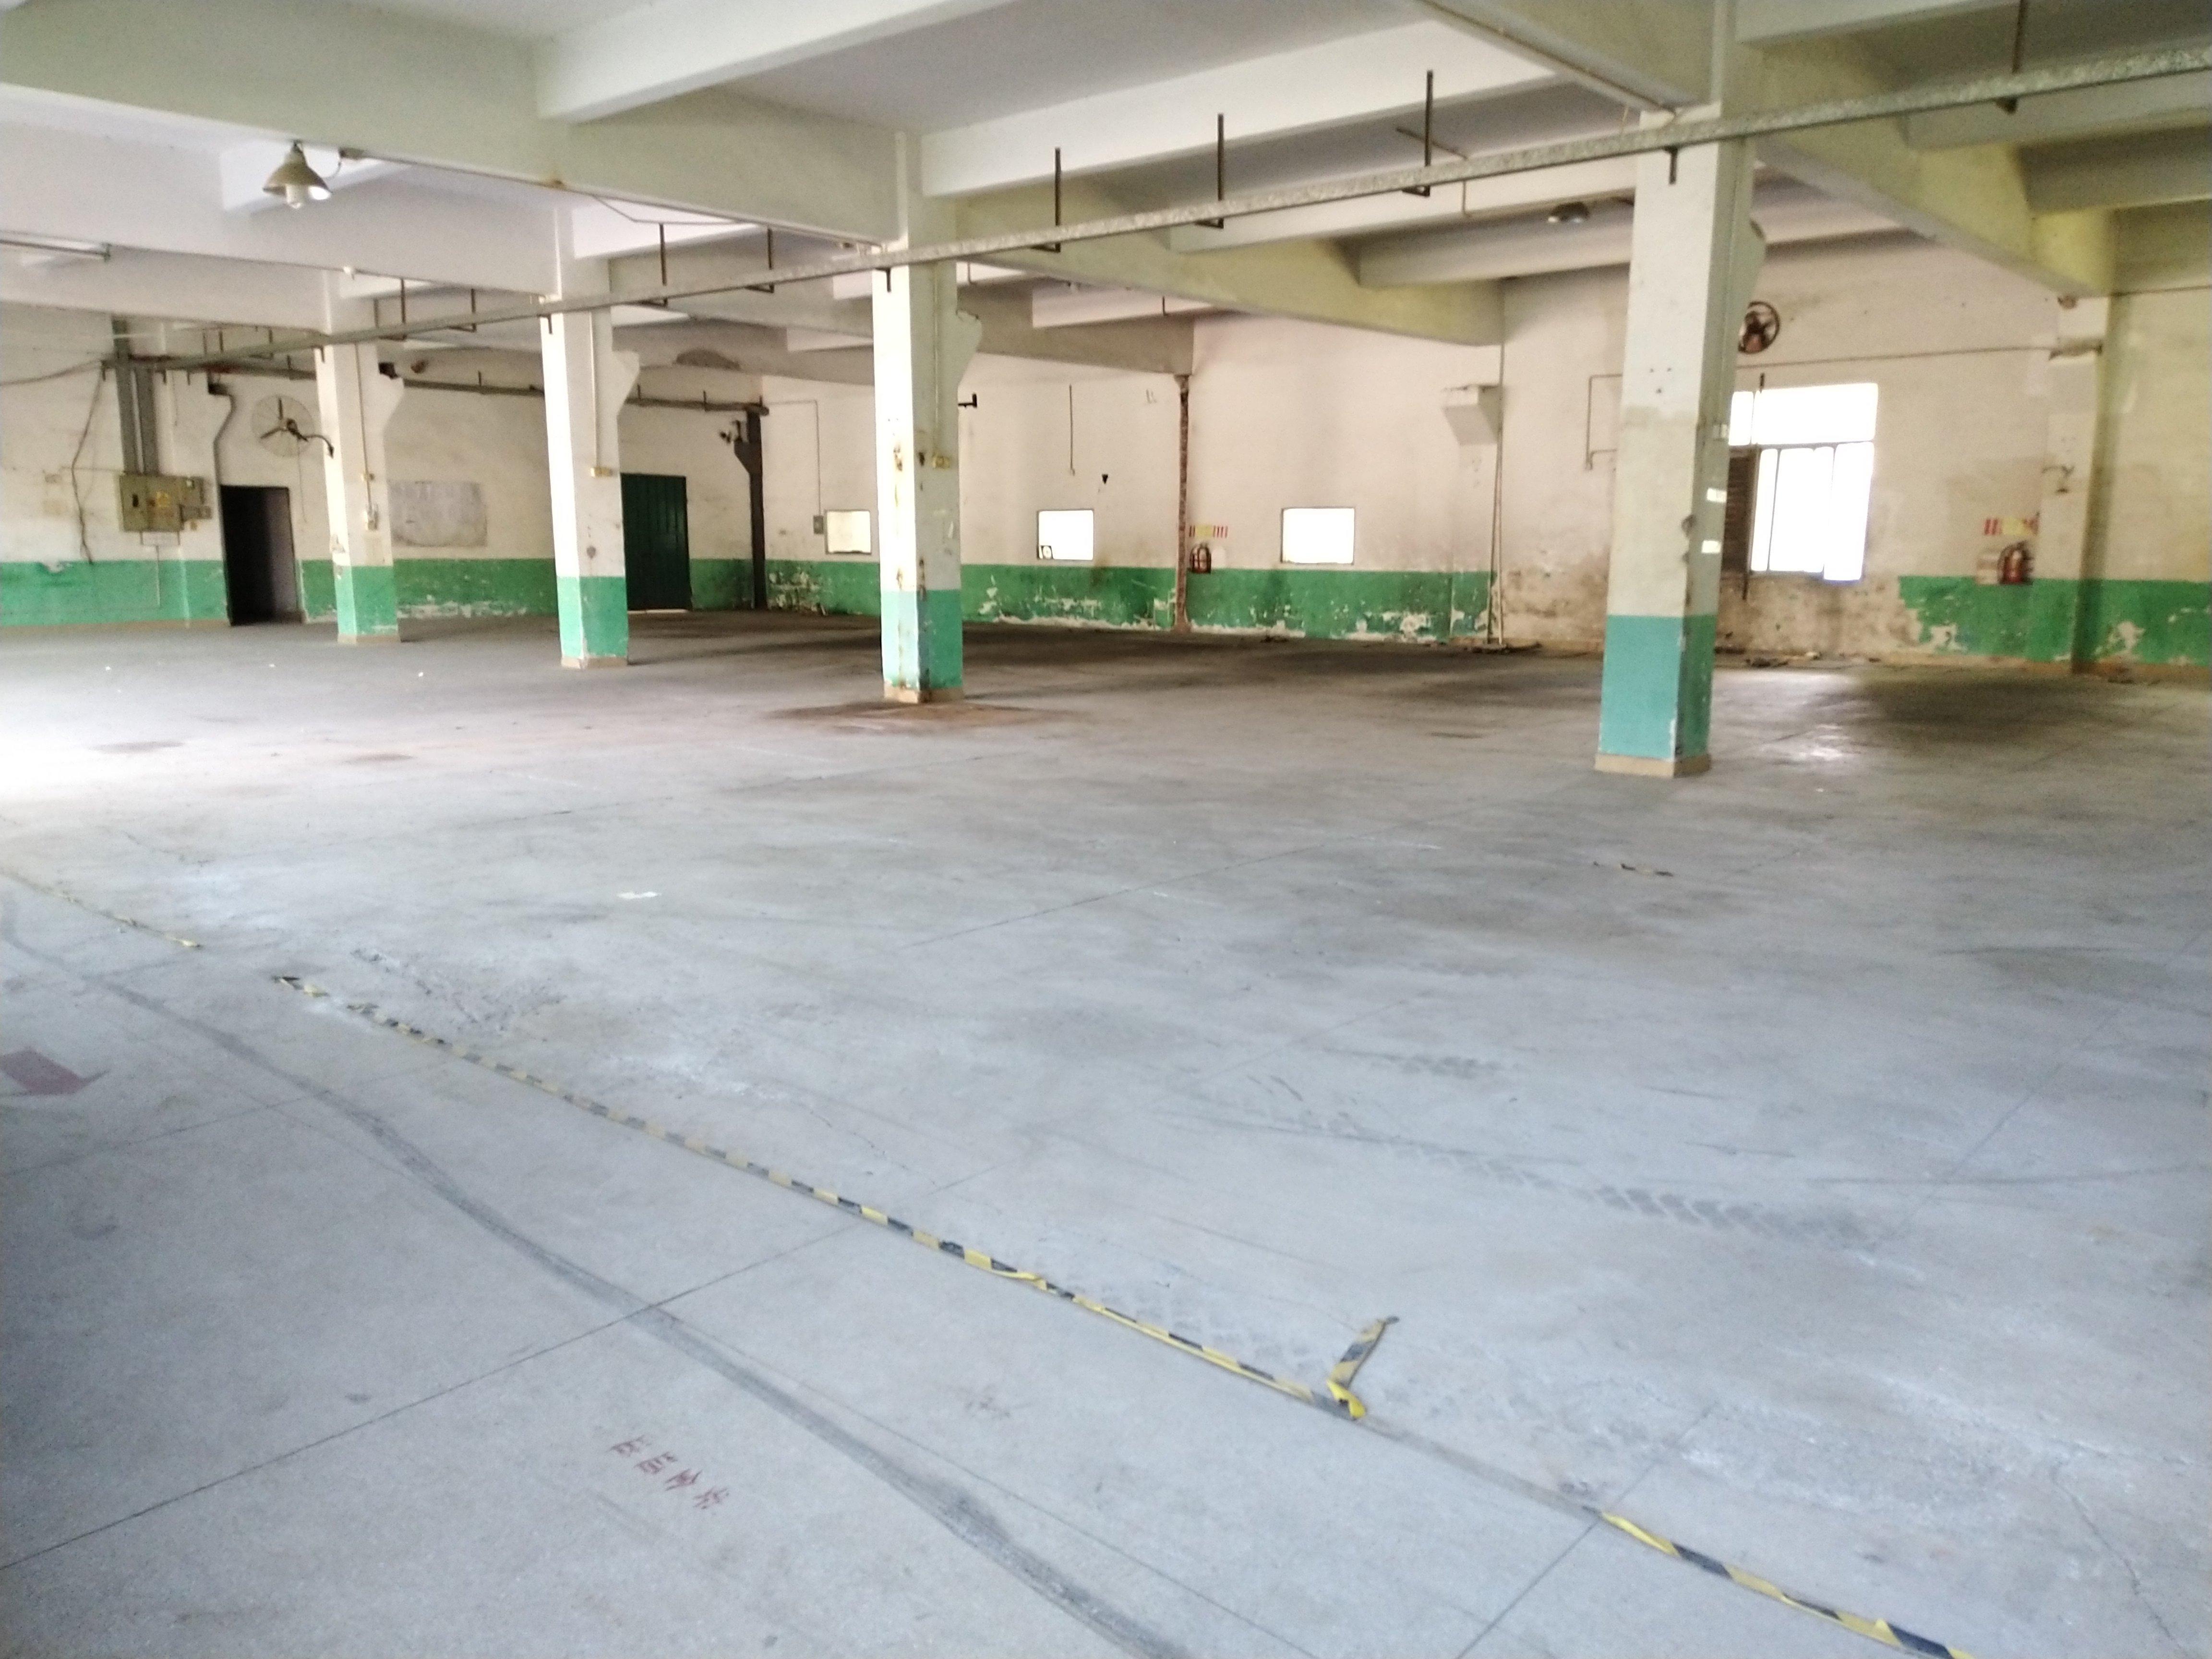 坪山碧岭新出一楼1400平厂房适合做仓库快递等行业合同三年